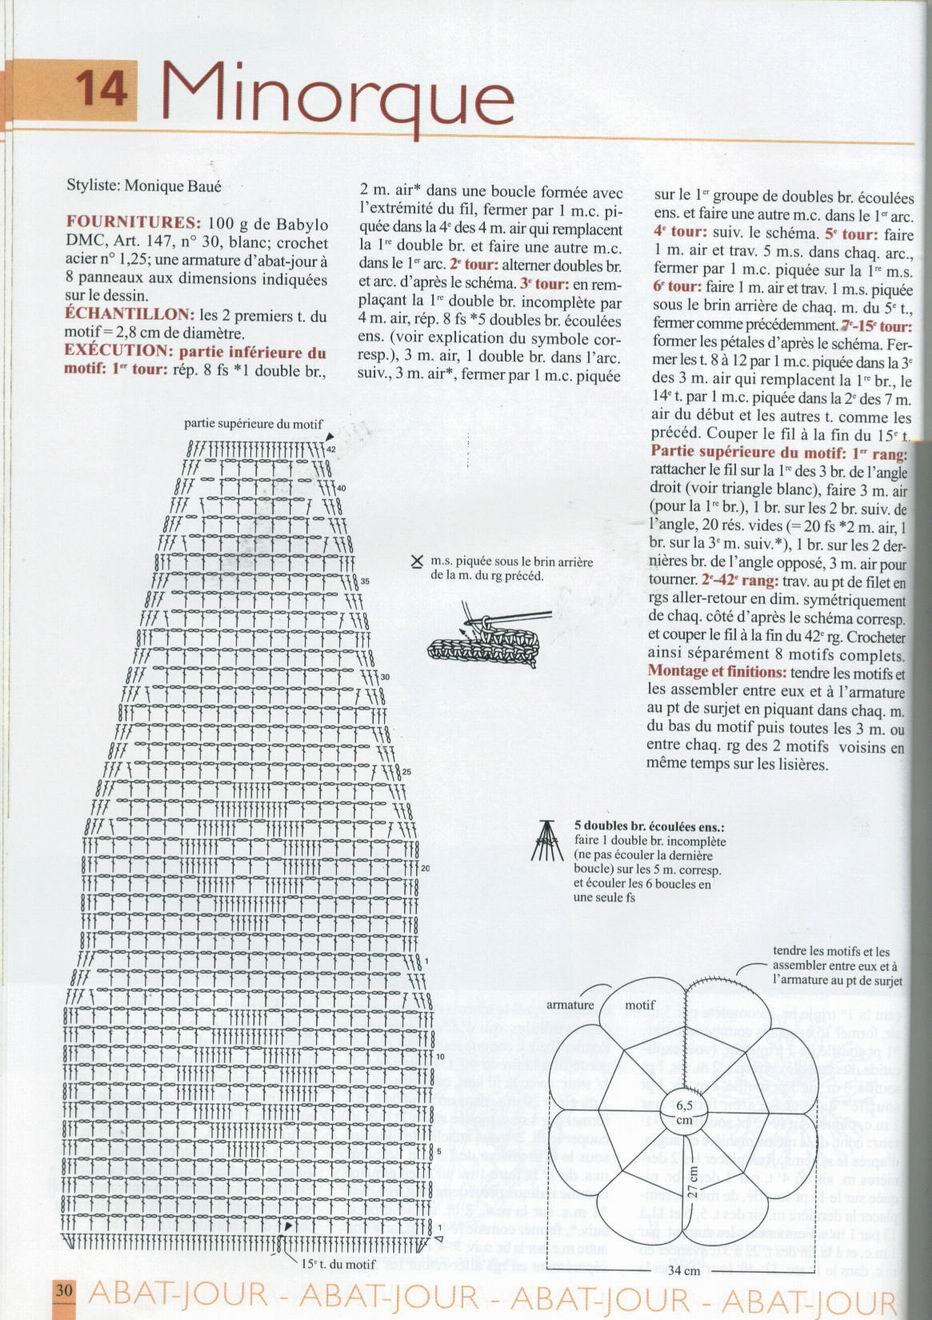 http://spicami.ru/wp-content/uploads/2009/09/2e11db226505.jpg